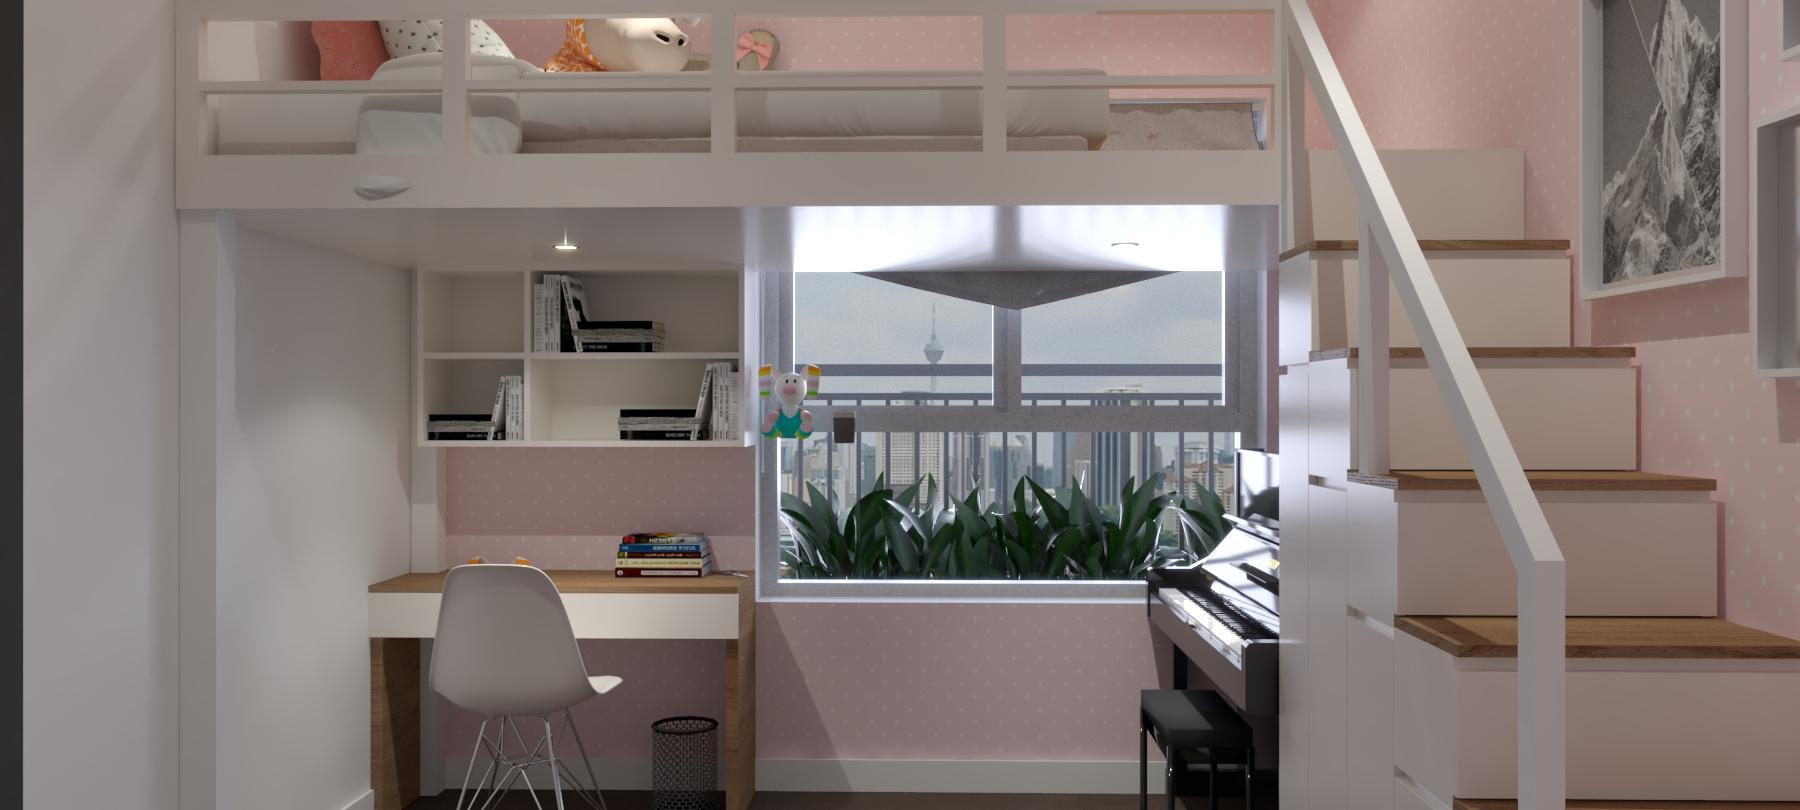 Thiết kế nội thất Chung Cư tại Hồ Chí Minh Căn hộ Sunrisse 1576570108 6